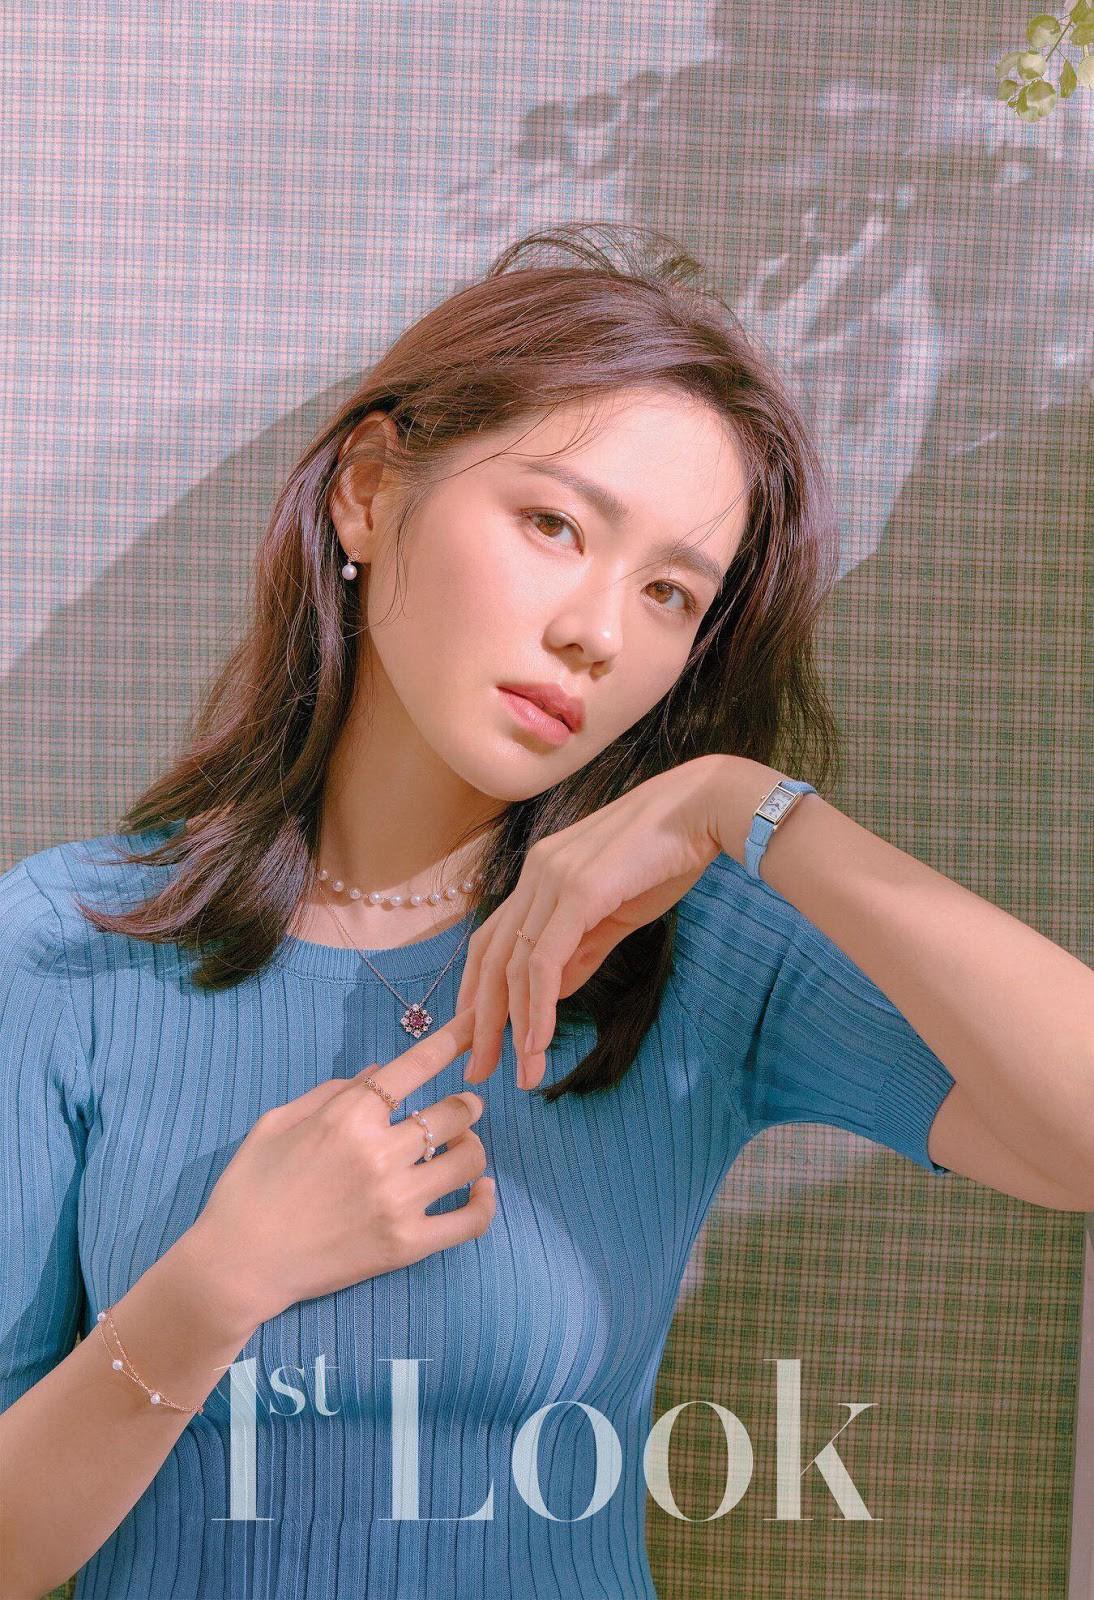 Bộ phim Hàn ngược đời sau 18 năm: Gần cả dàn thành sao hạng A trừ nam chính, Son Ye Jin không đỉnh bằng số 3, 4! - Ảnh 3.